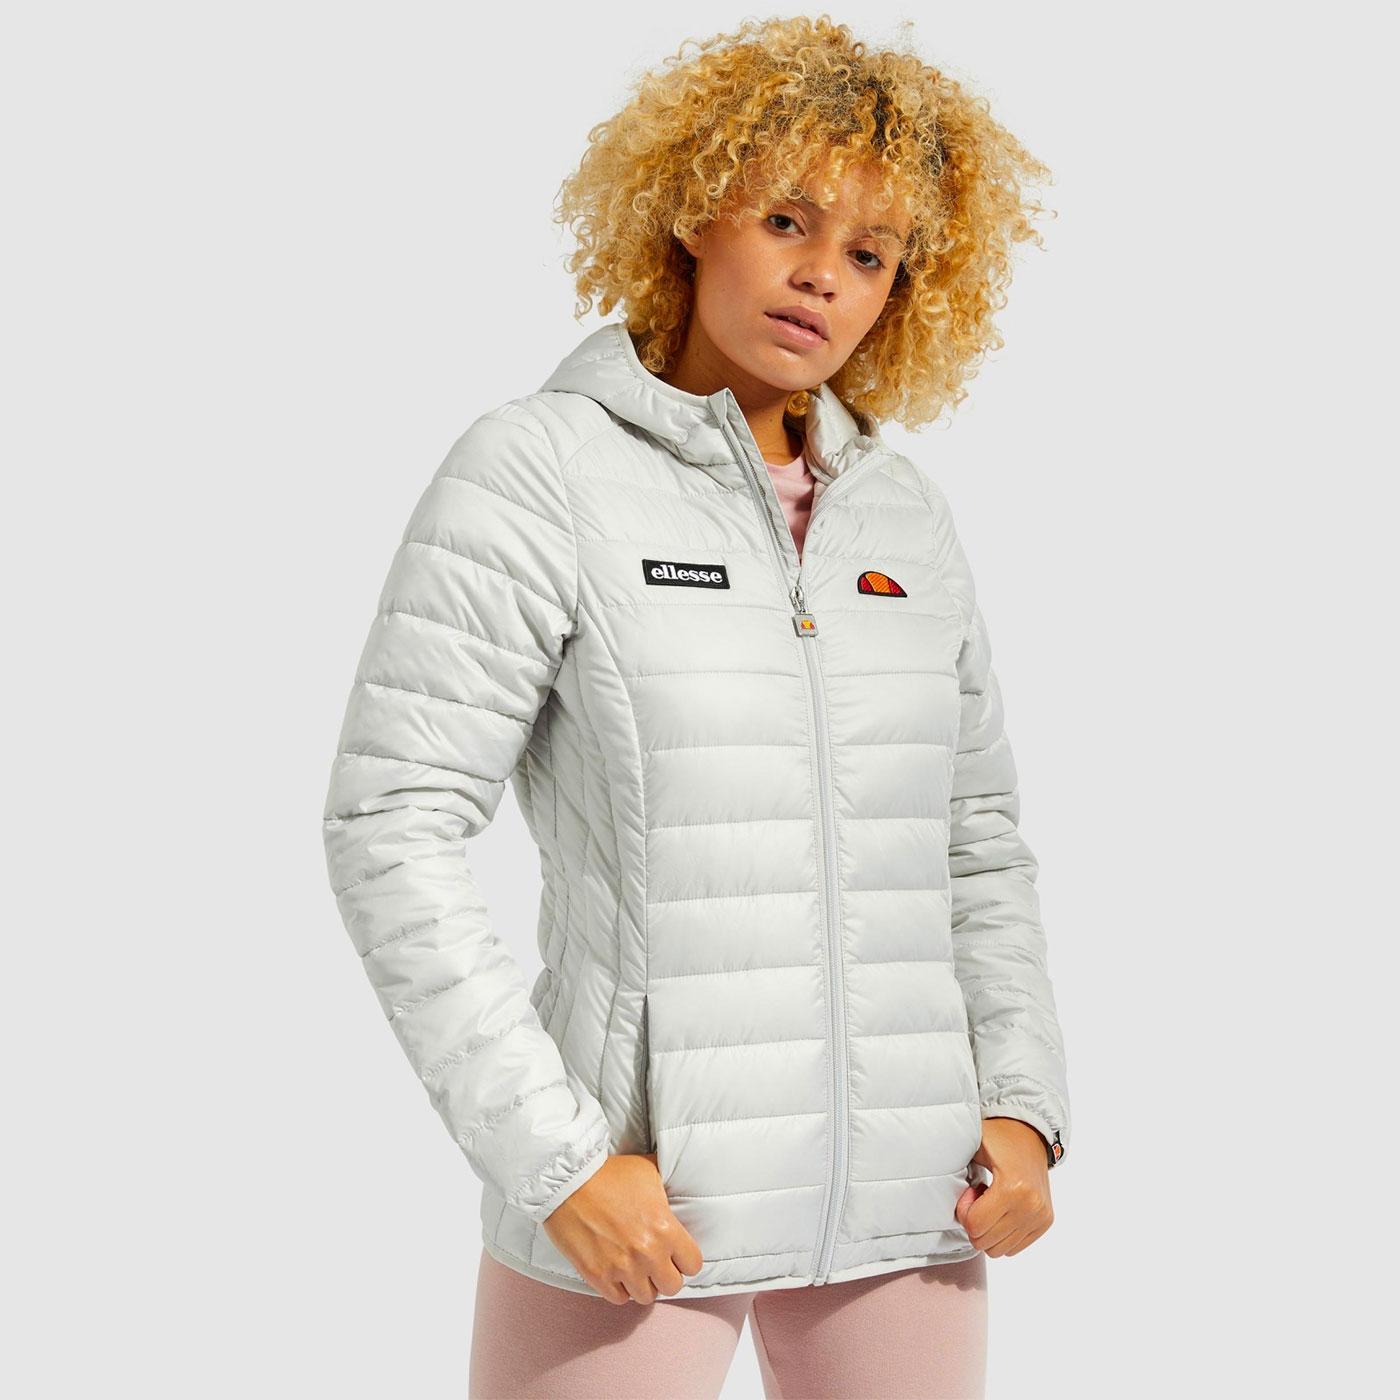 Lompard ELLESSE Women's Padded Puffer Jacket (LG)